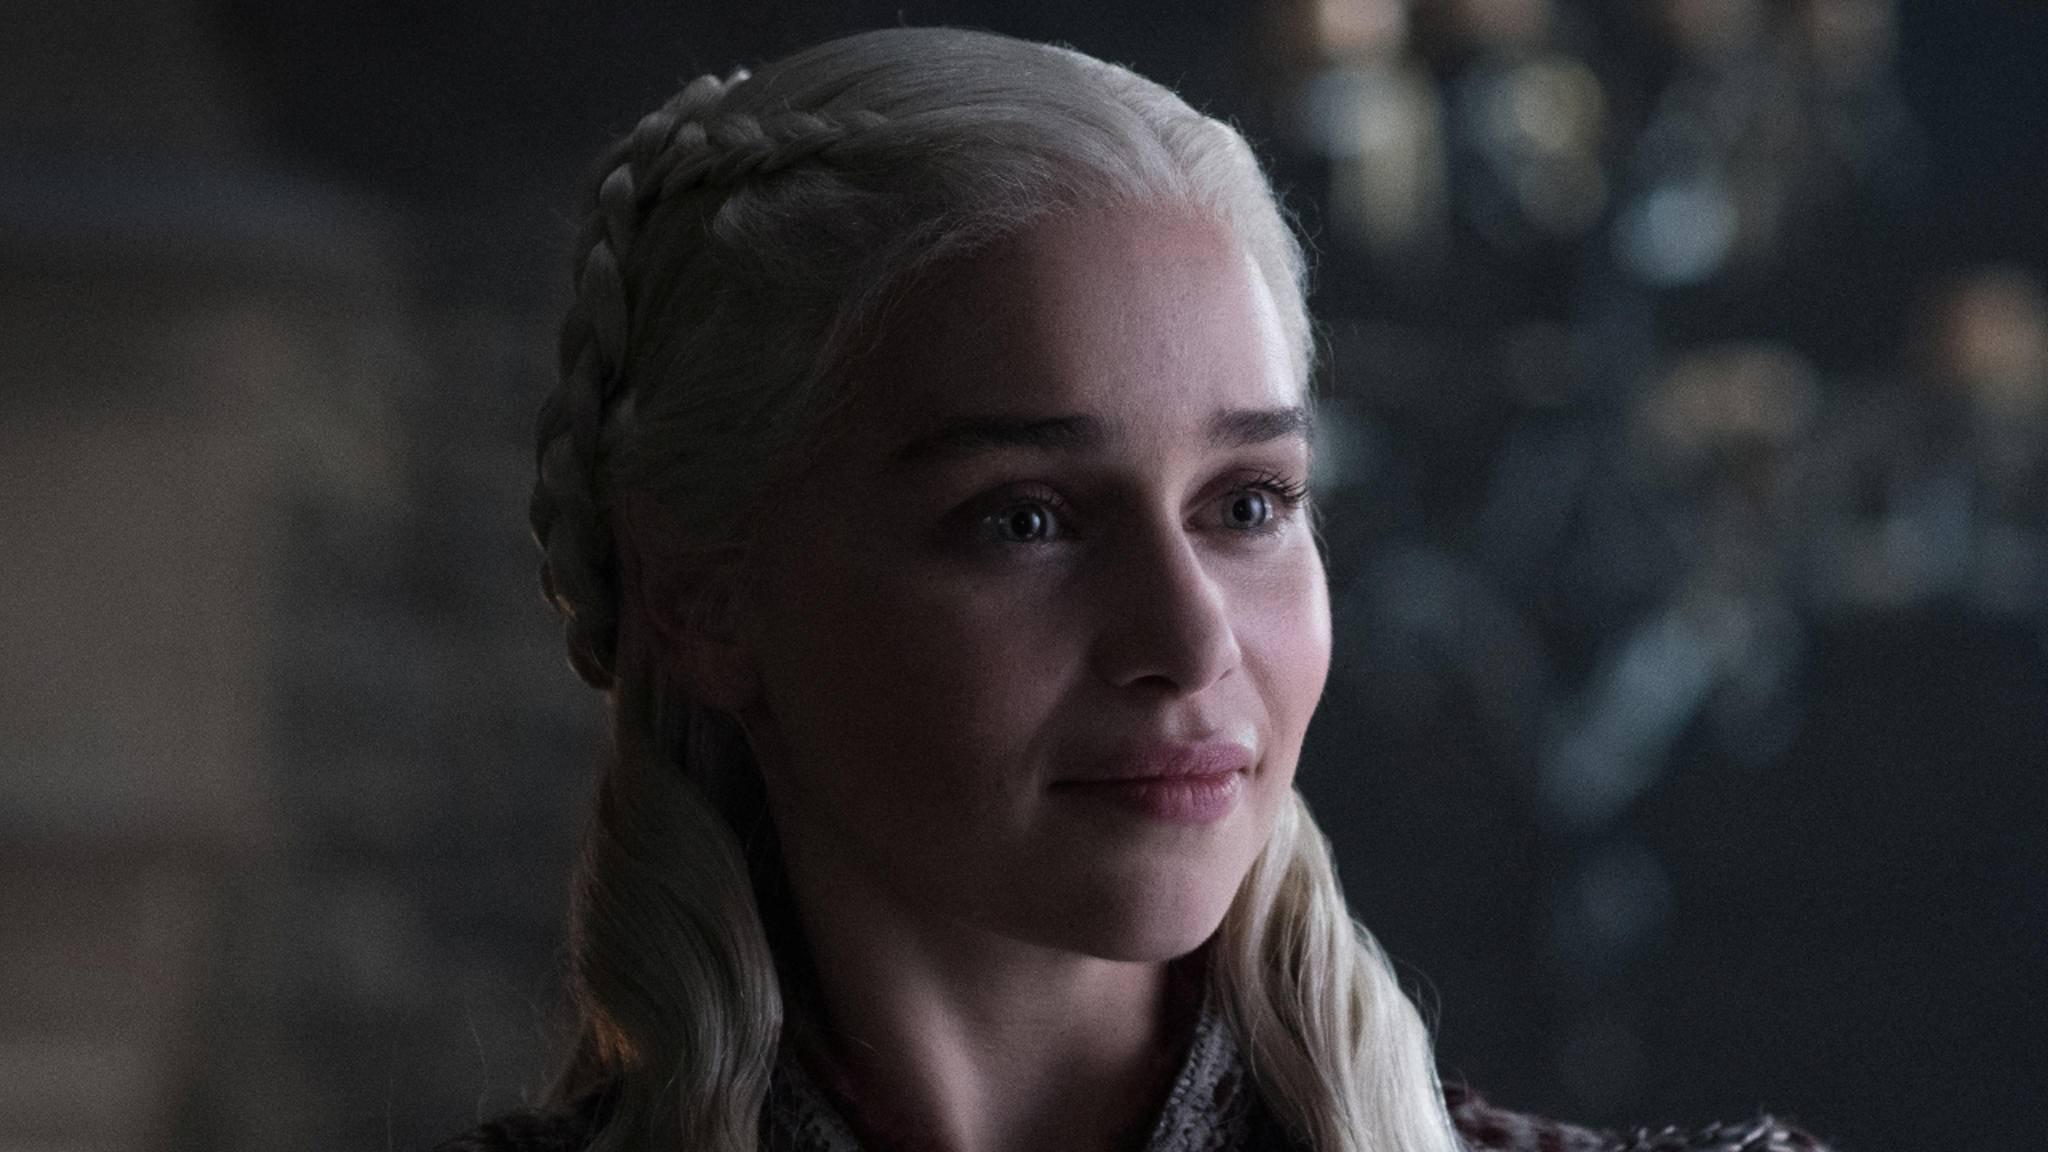 """Geht es nach einer KI, wird Daenerys Targaryen die finale """"Game of Thrones""""-Staffel auf jeden Fall überleben."""